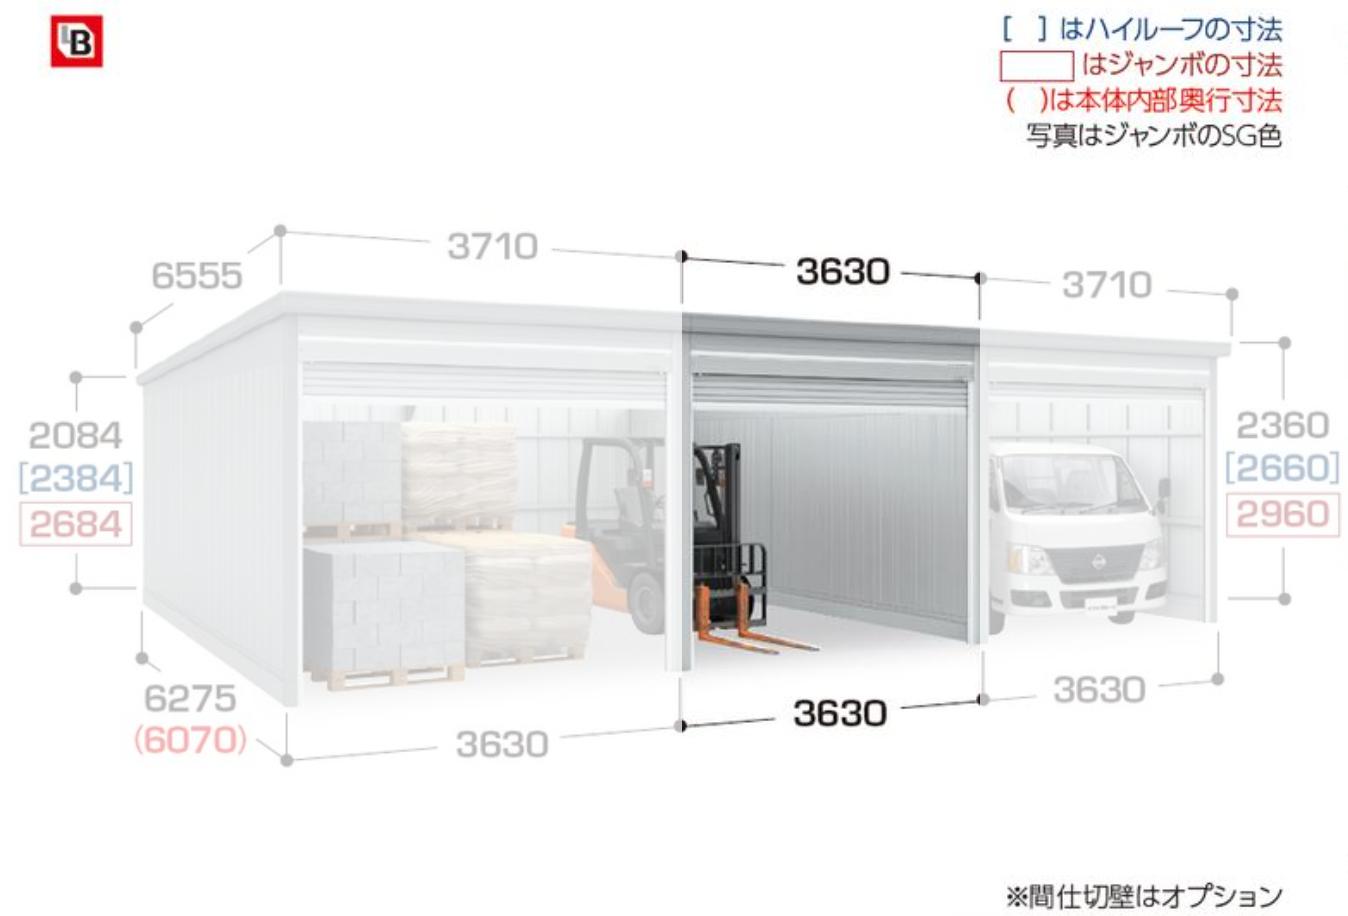 【イナバガレージ】ガレーディアGRN-3662JL■一般型・追加棟(2棟目以降)